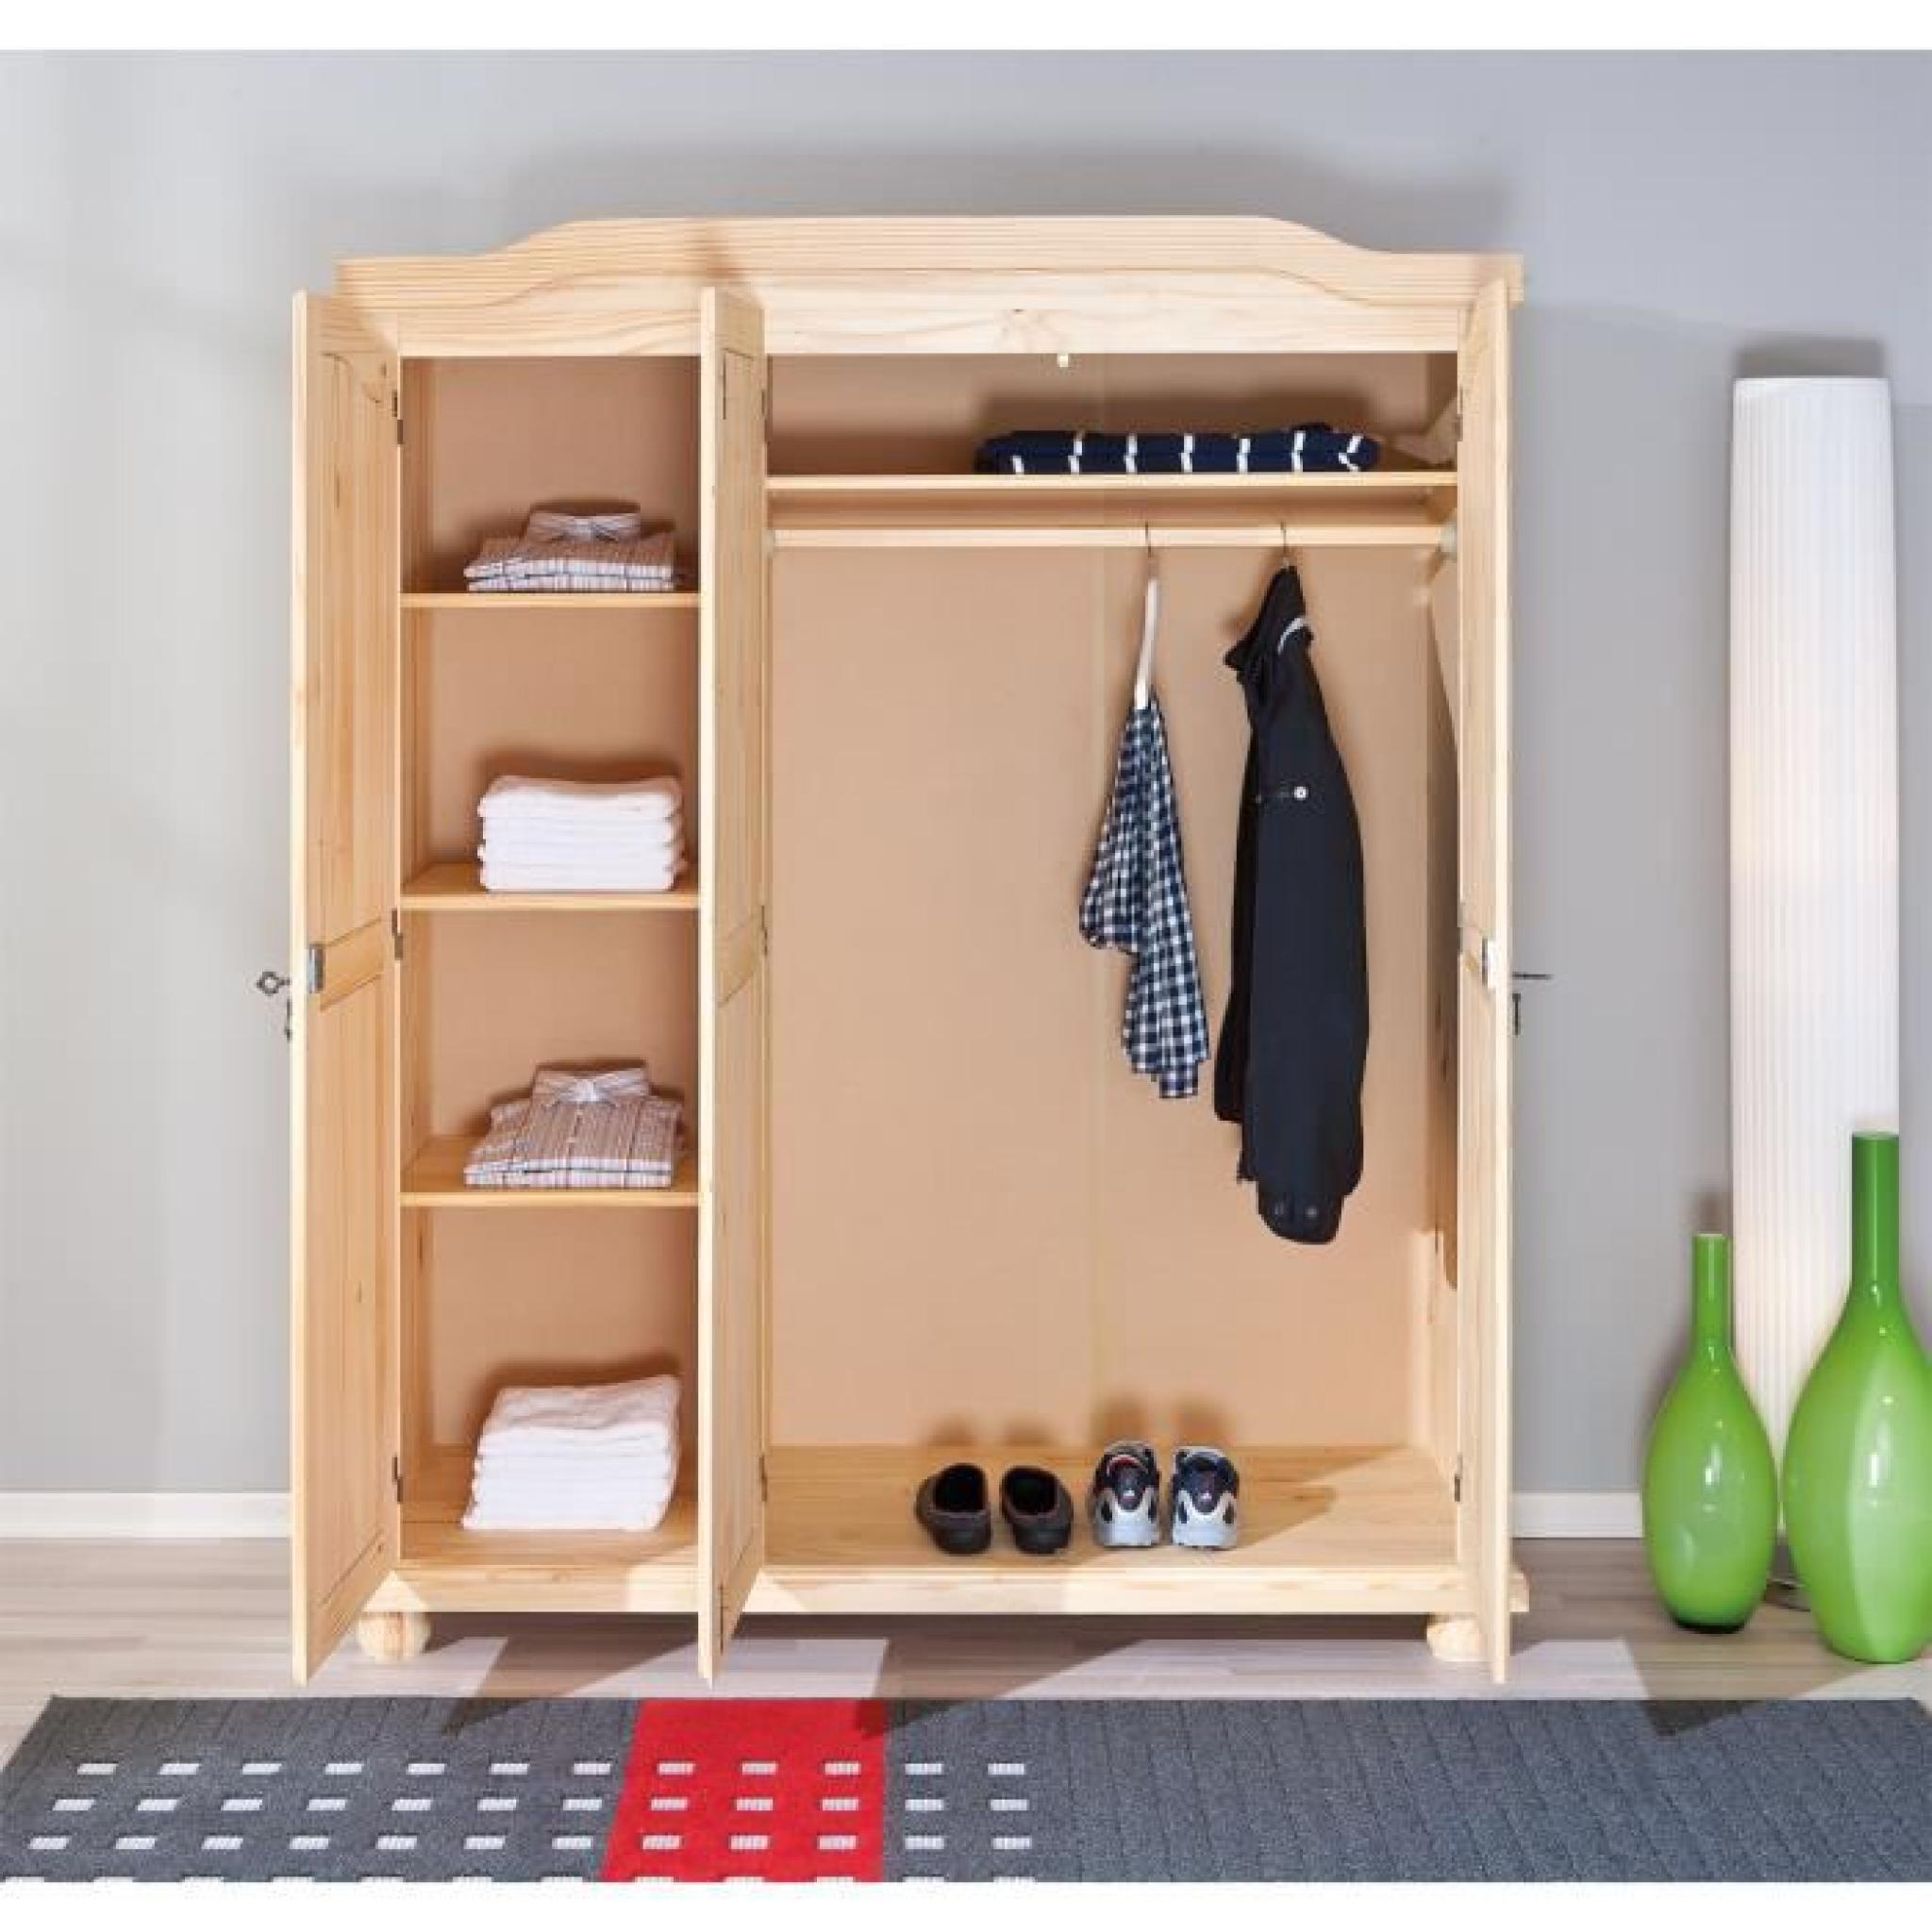 armoire design rustique 3 portes en bois massif achat vente armoire de chambre pas cher. Black Bedroom Furniture Sets. Home Design Ideas